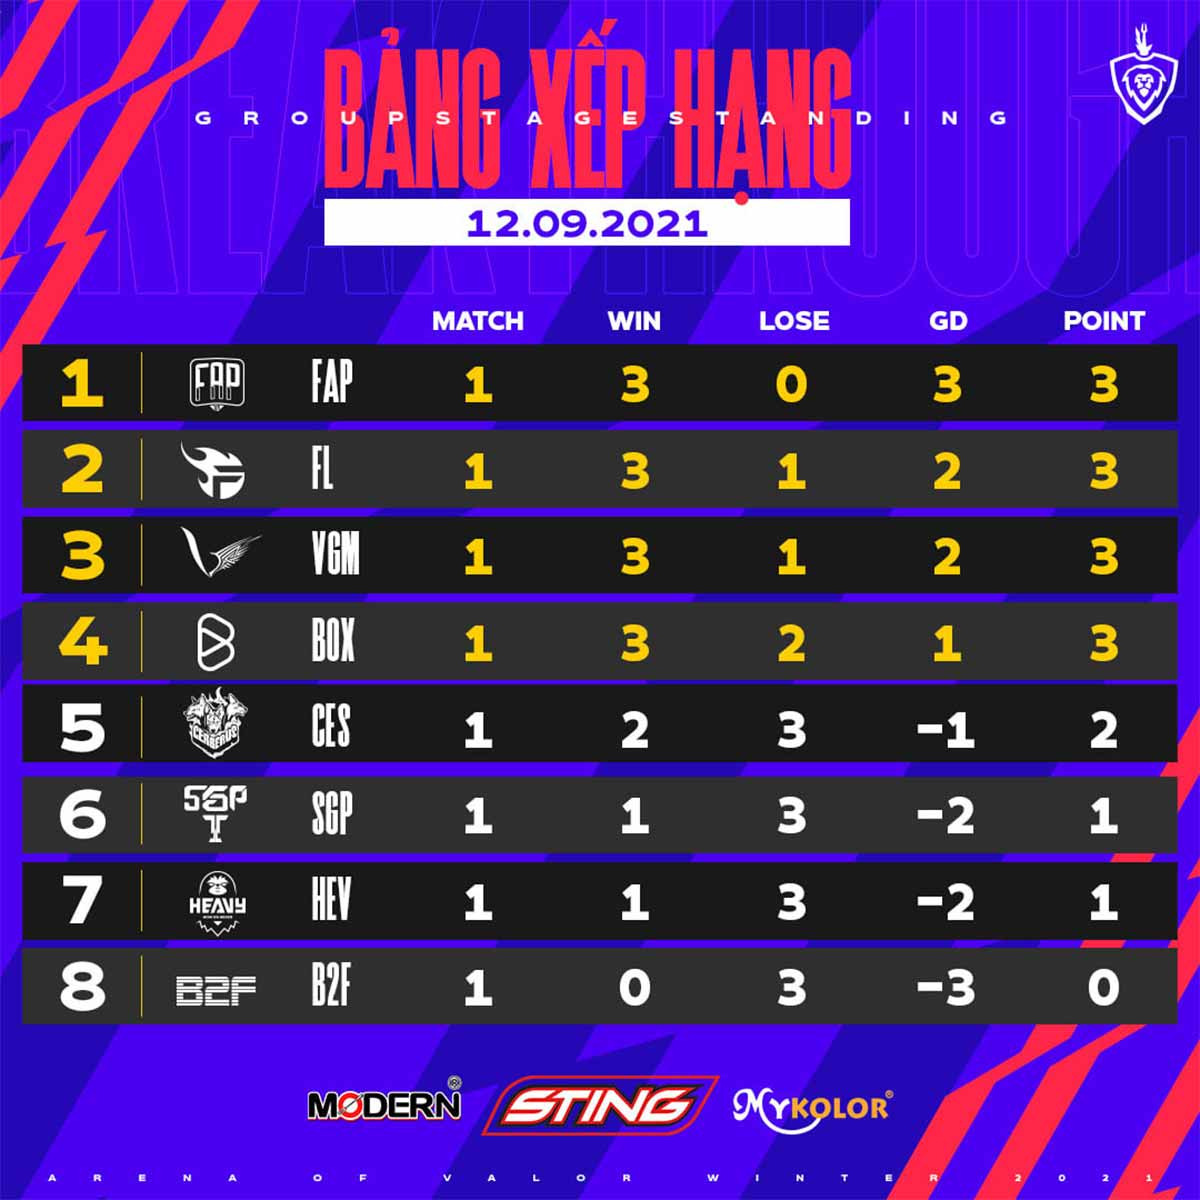 Kết Quả Bảng Xếp Hạng Vòng 1 Đấu Trường Danh Vọng Mùa Đông 2021, Box Gaming thắng nghẹt thở